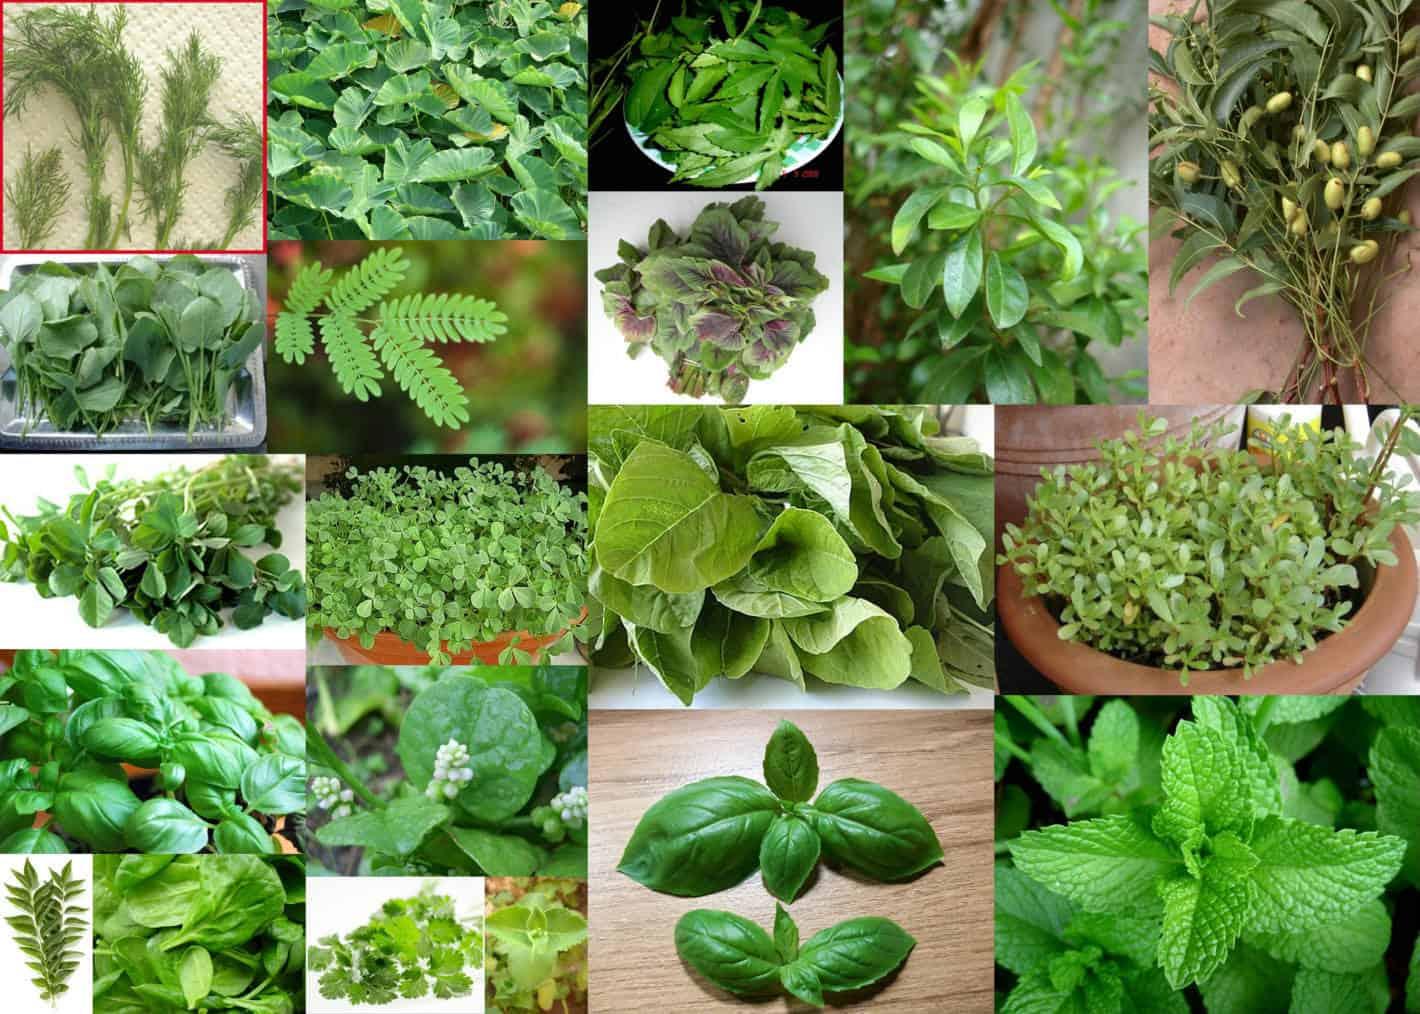 ما هي النباتات العطرية